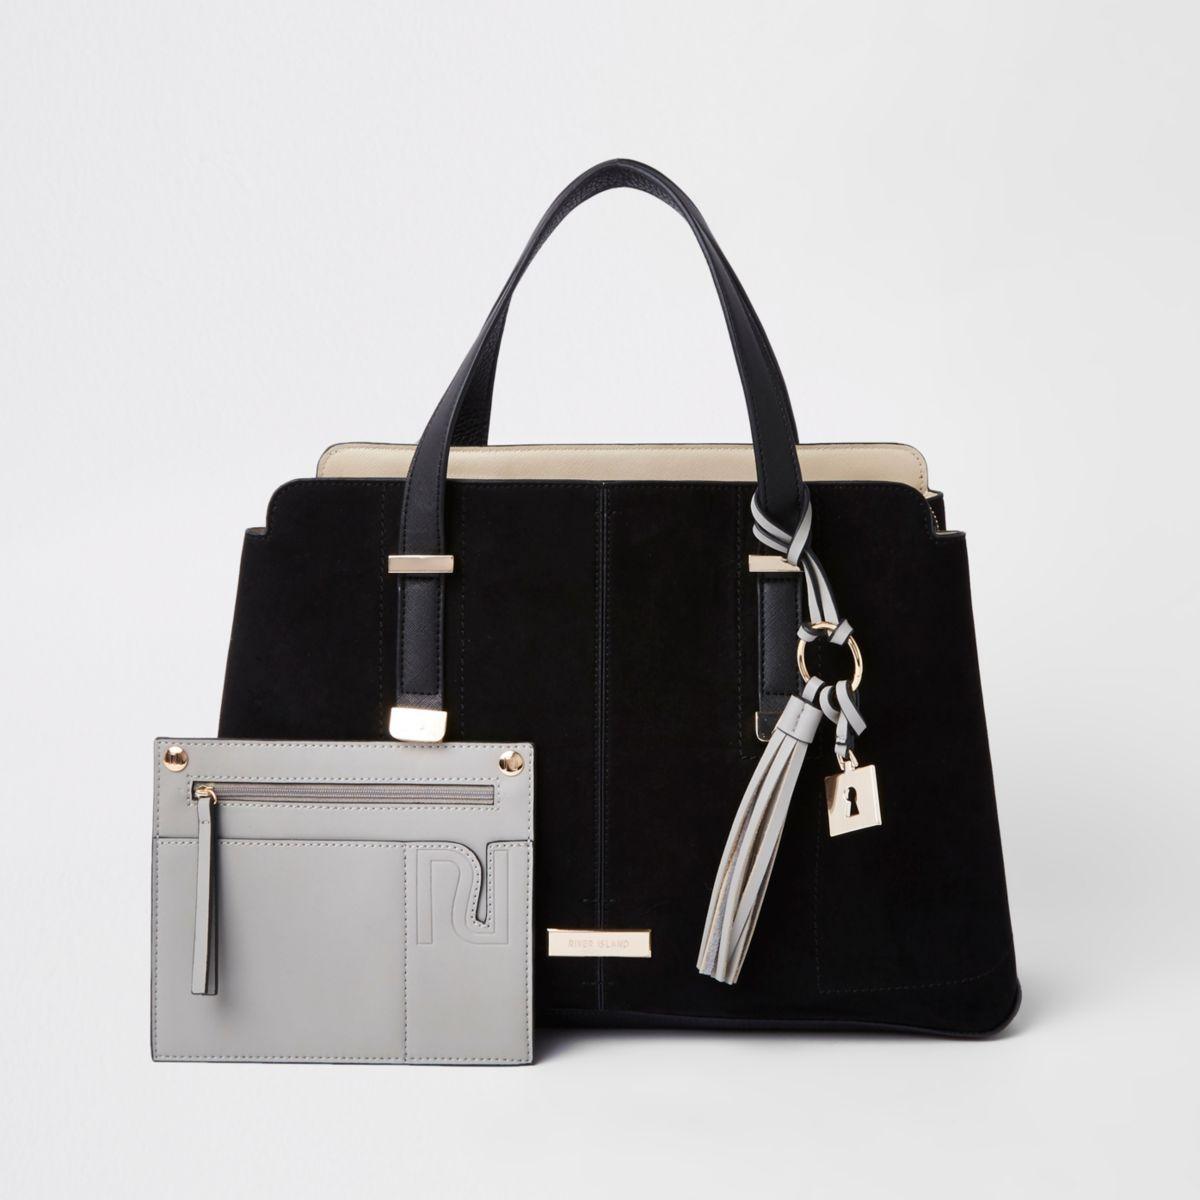 Black triple compartment tote bag